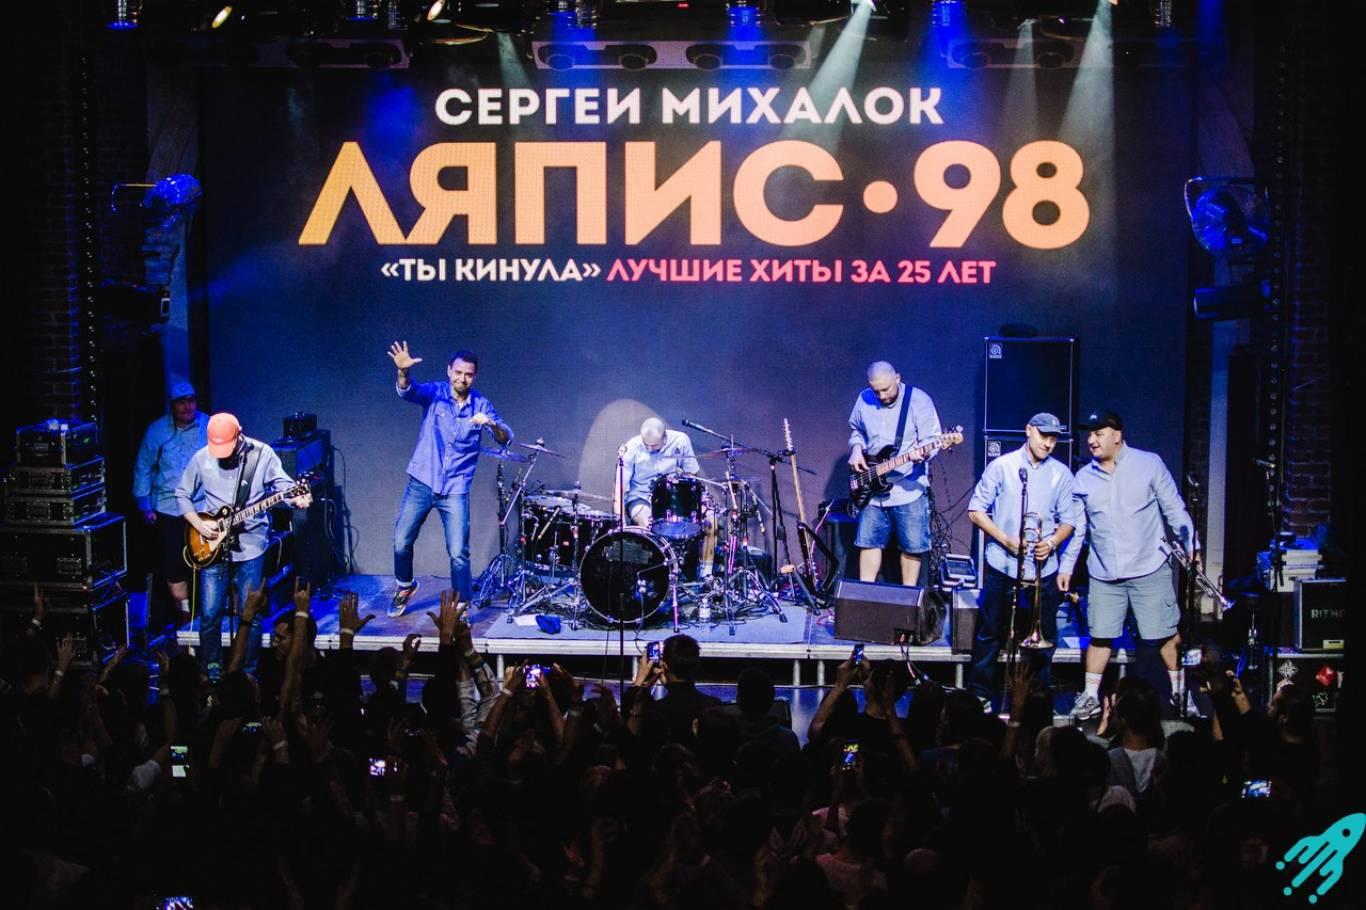 """Сергій Міхалок і """"Ляпіс-98"""" 27 січня у Вінниці"""